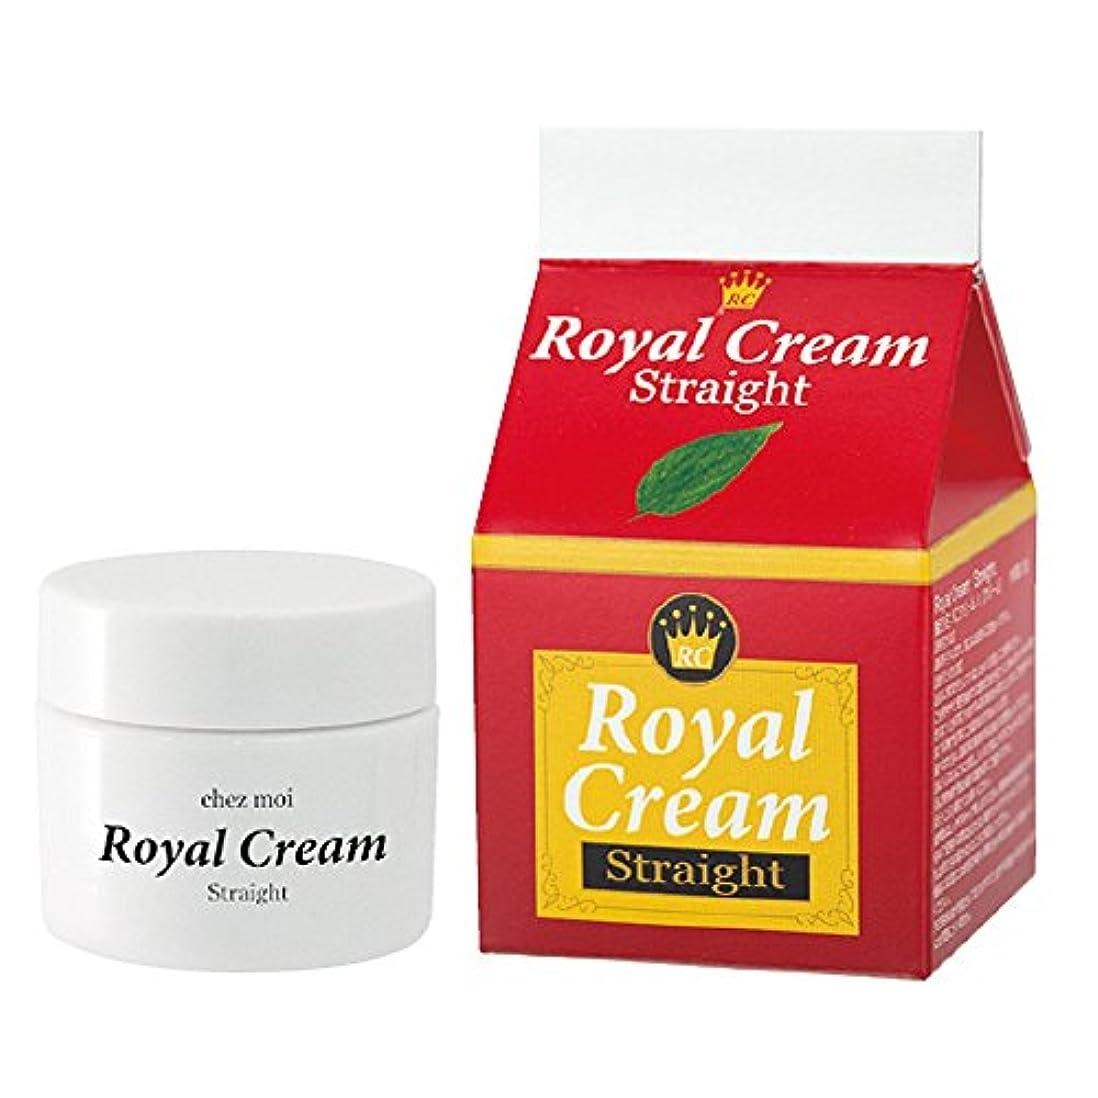 ベルテナント真空シェモア Royal Cream Straight(ロイヤルクリームストレート) 30g